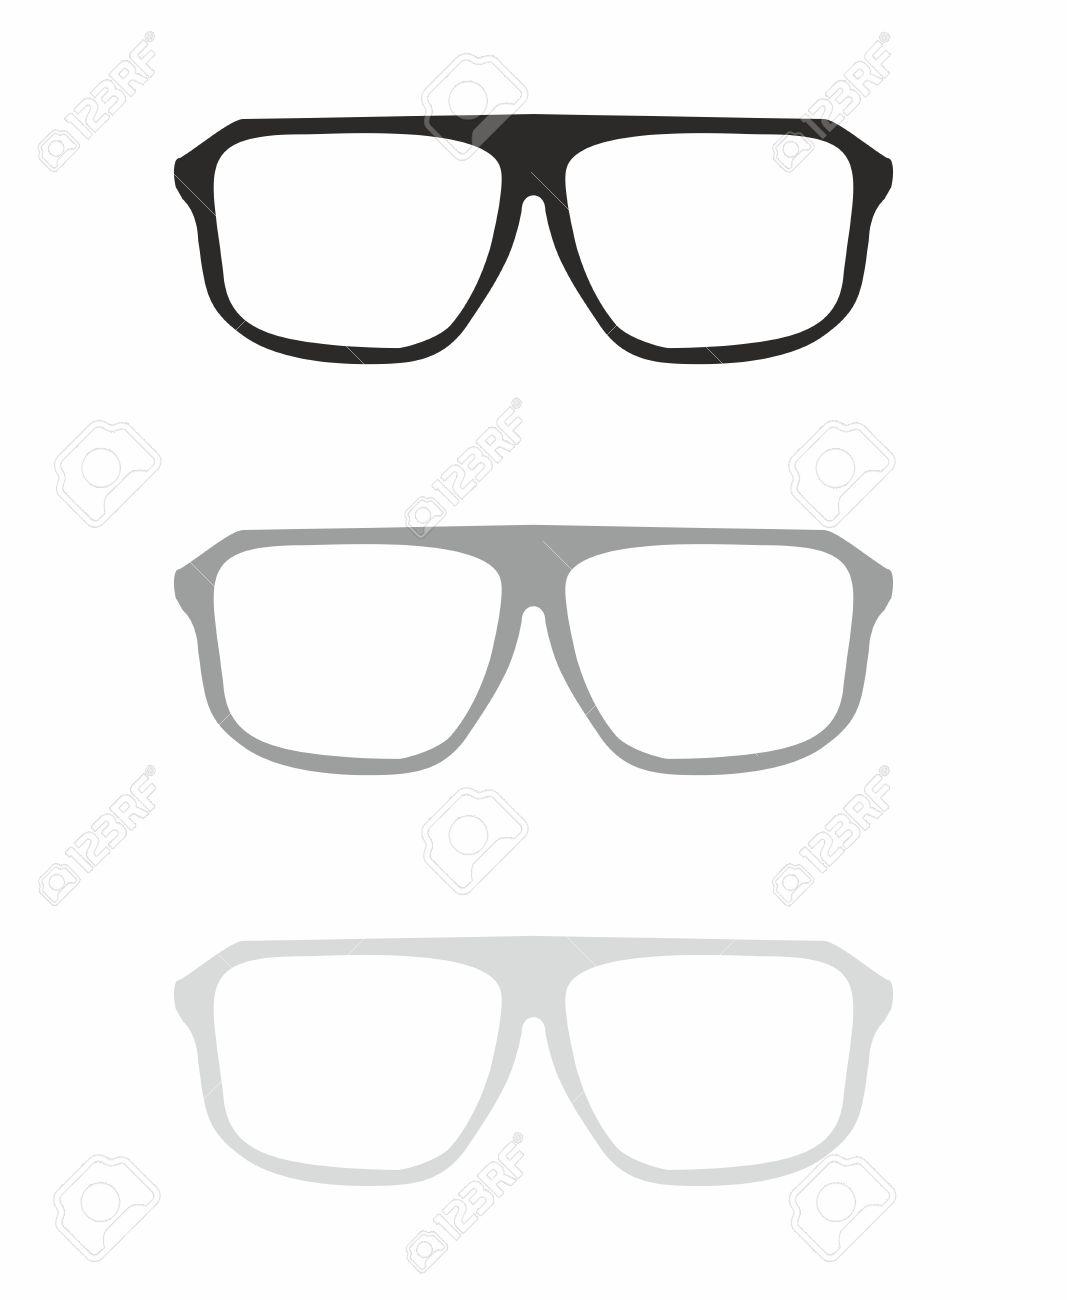 Gläser Vektor Mit Schwarz Und Grau Halter Hipster Objekt Isoliert ...